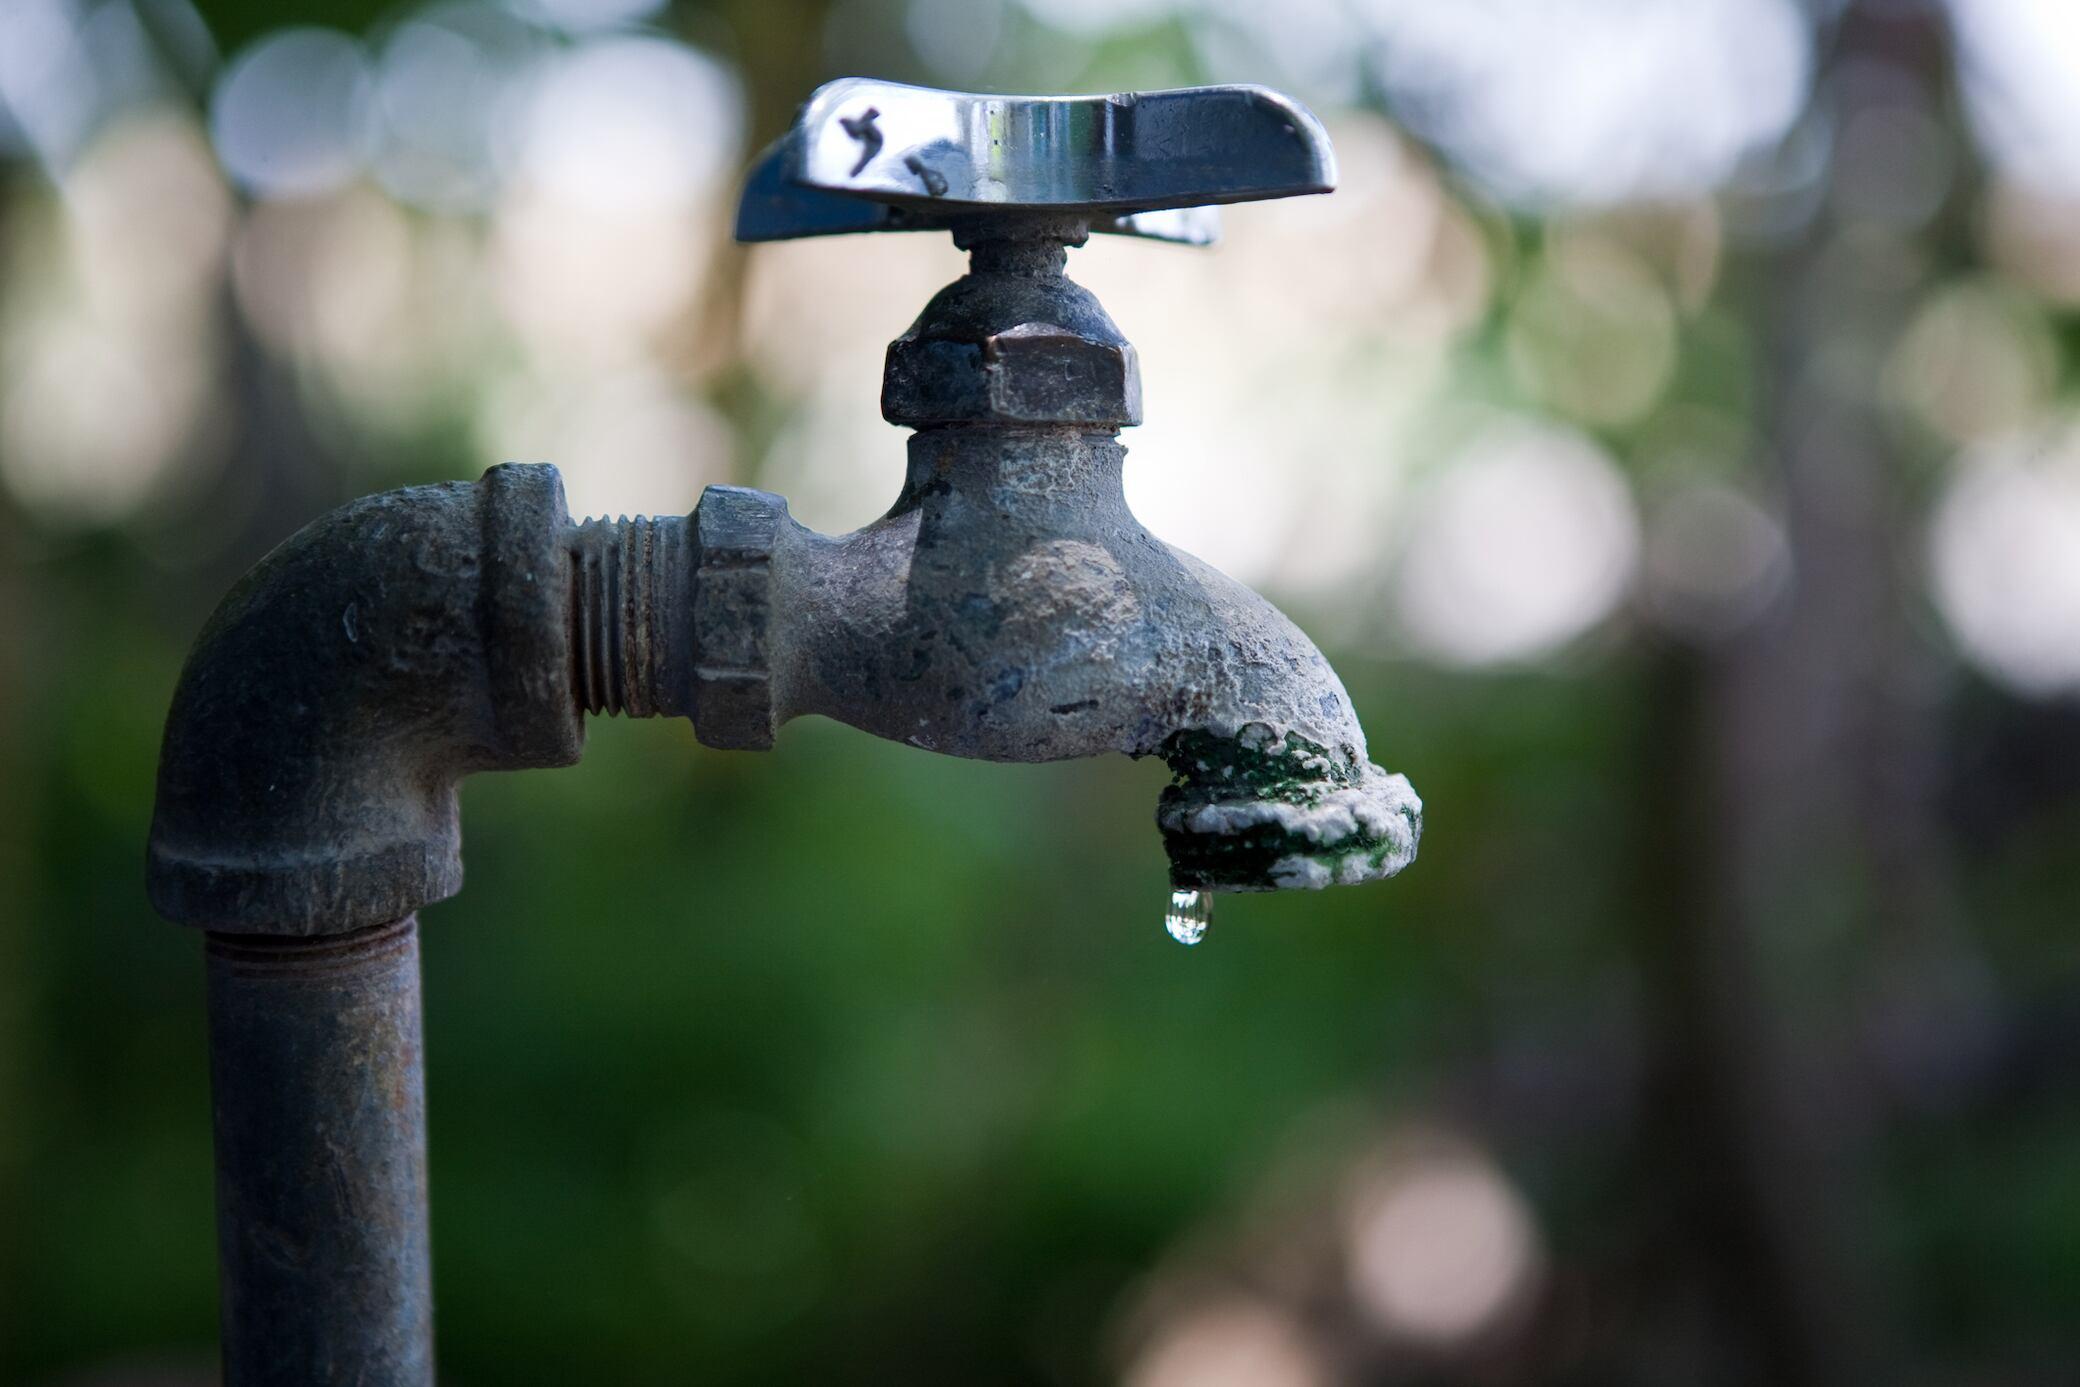 Wann Sie Wasserhähne im Freien abdrehen sollten